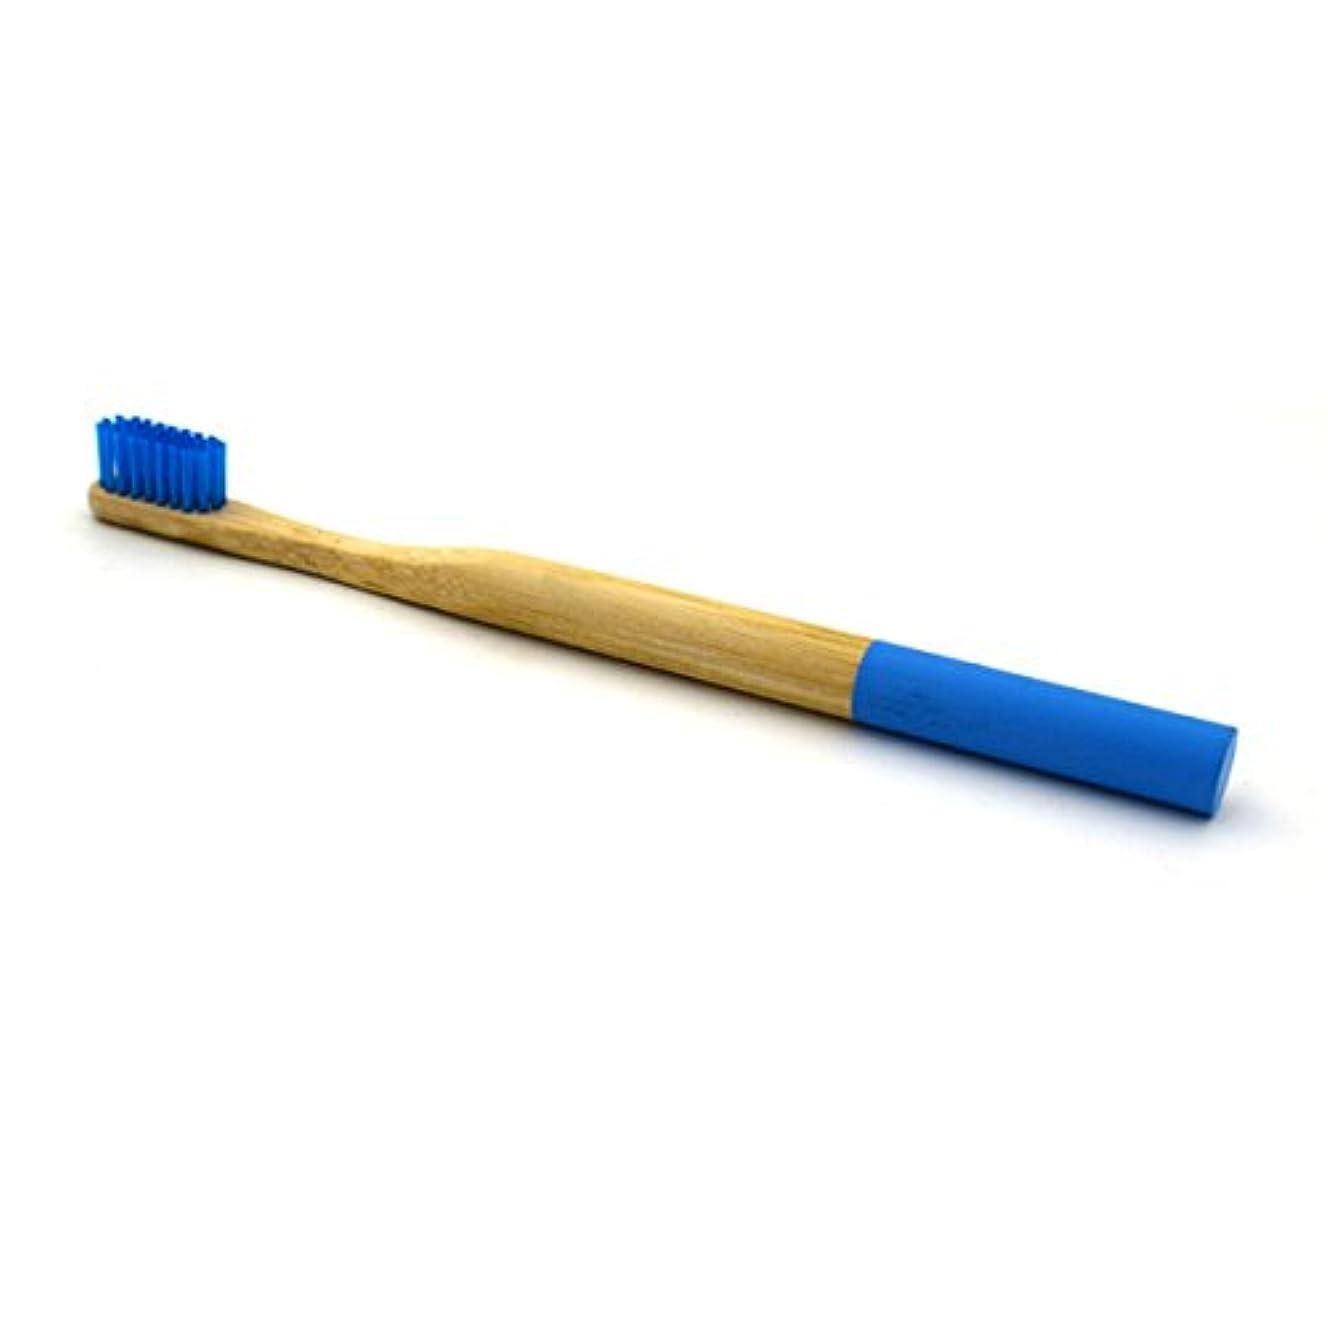 それに応じてなめらかなまばたきHEALLILY竹製の歯ブラシ天然木炭竹製の歯ブラシ大人用柔らかい剛毛の歯ブラシ(ブルー)